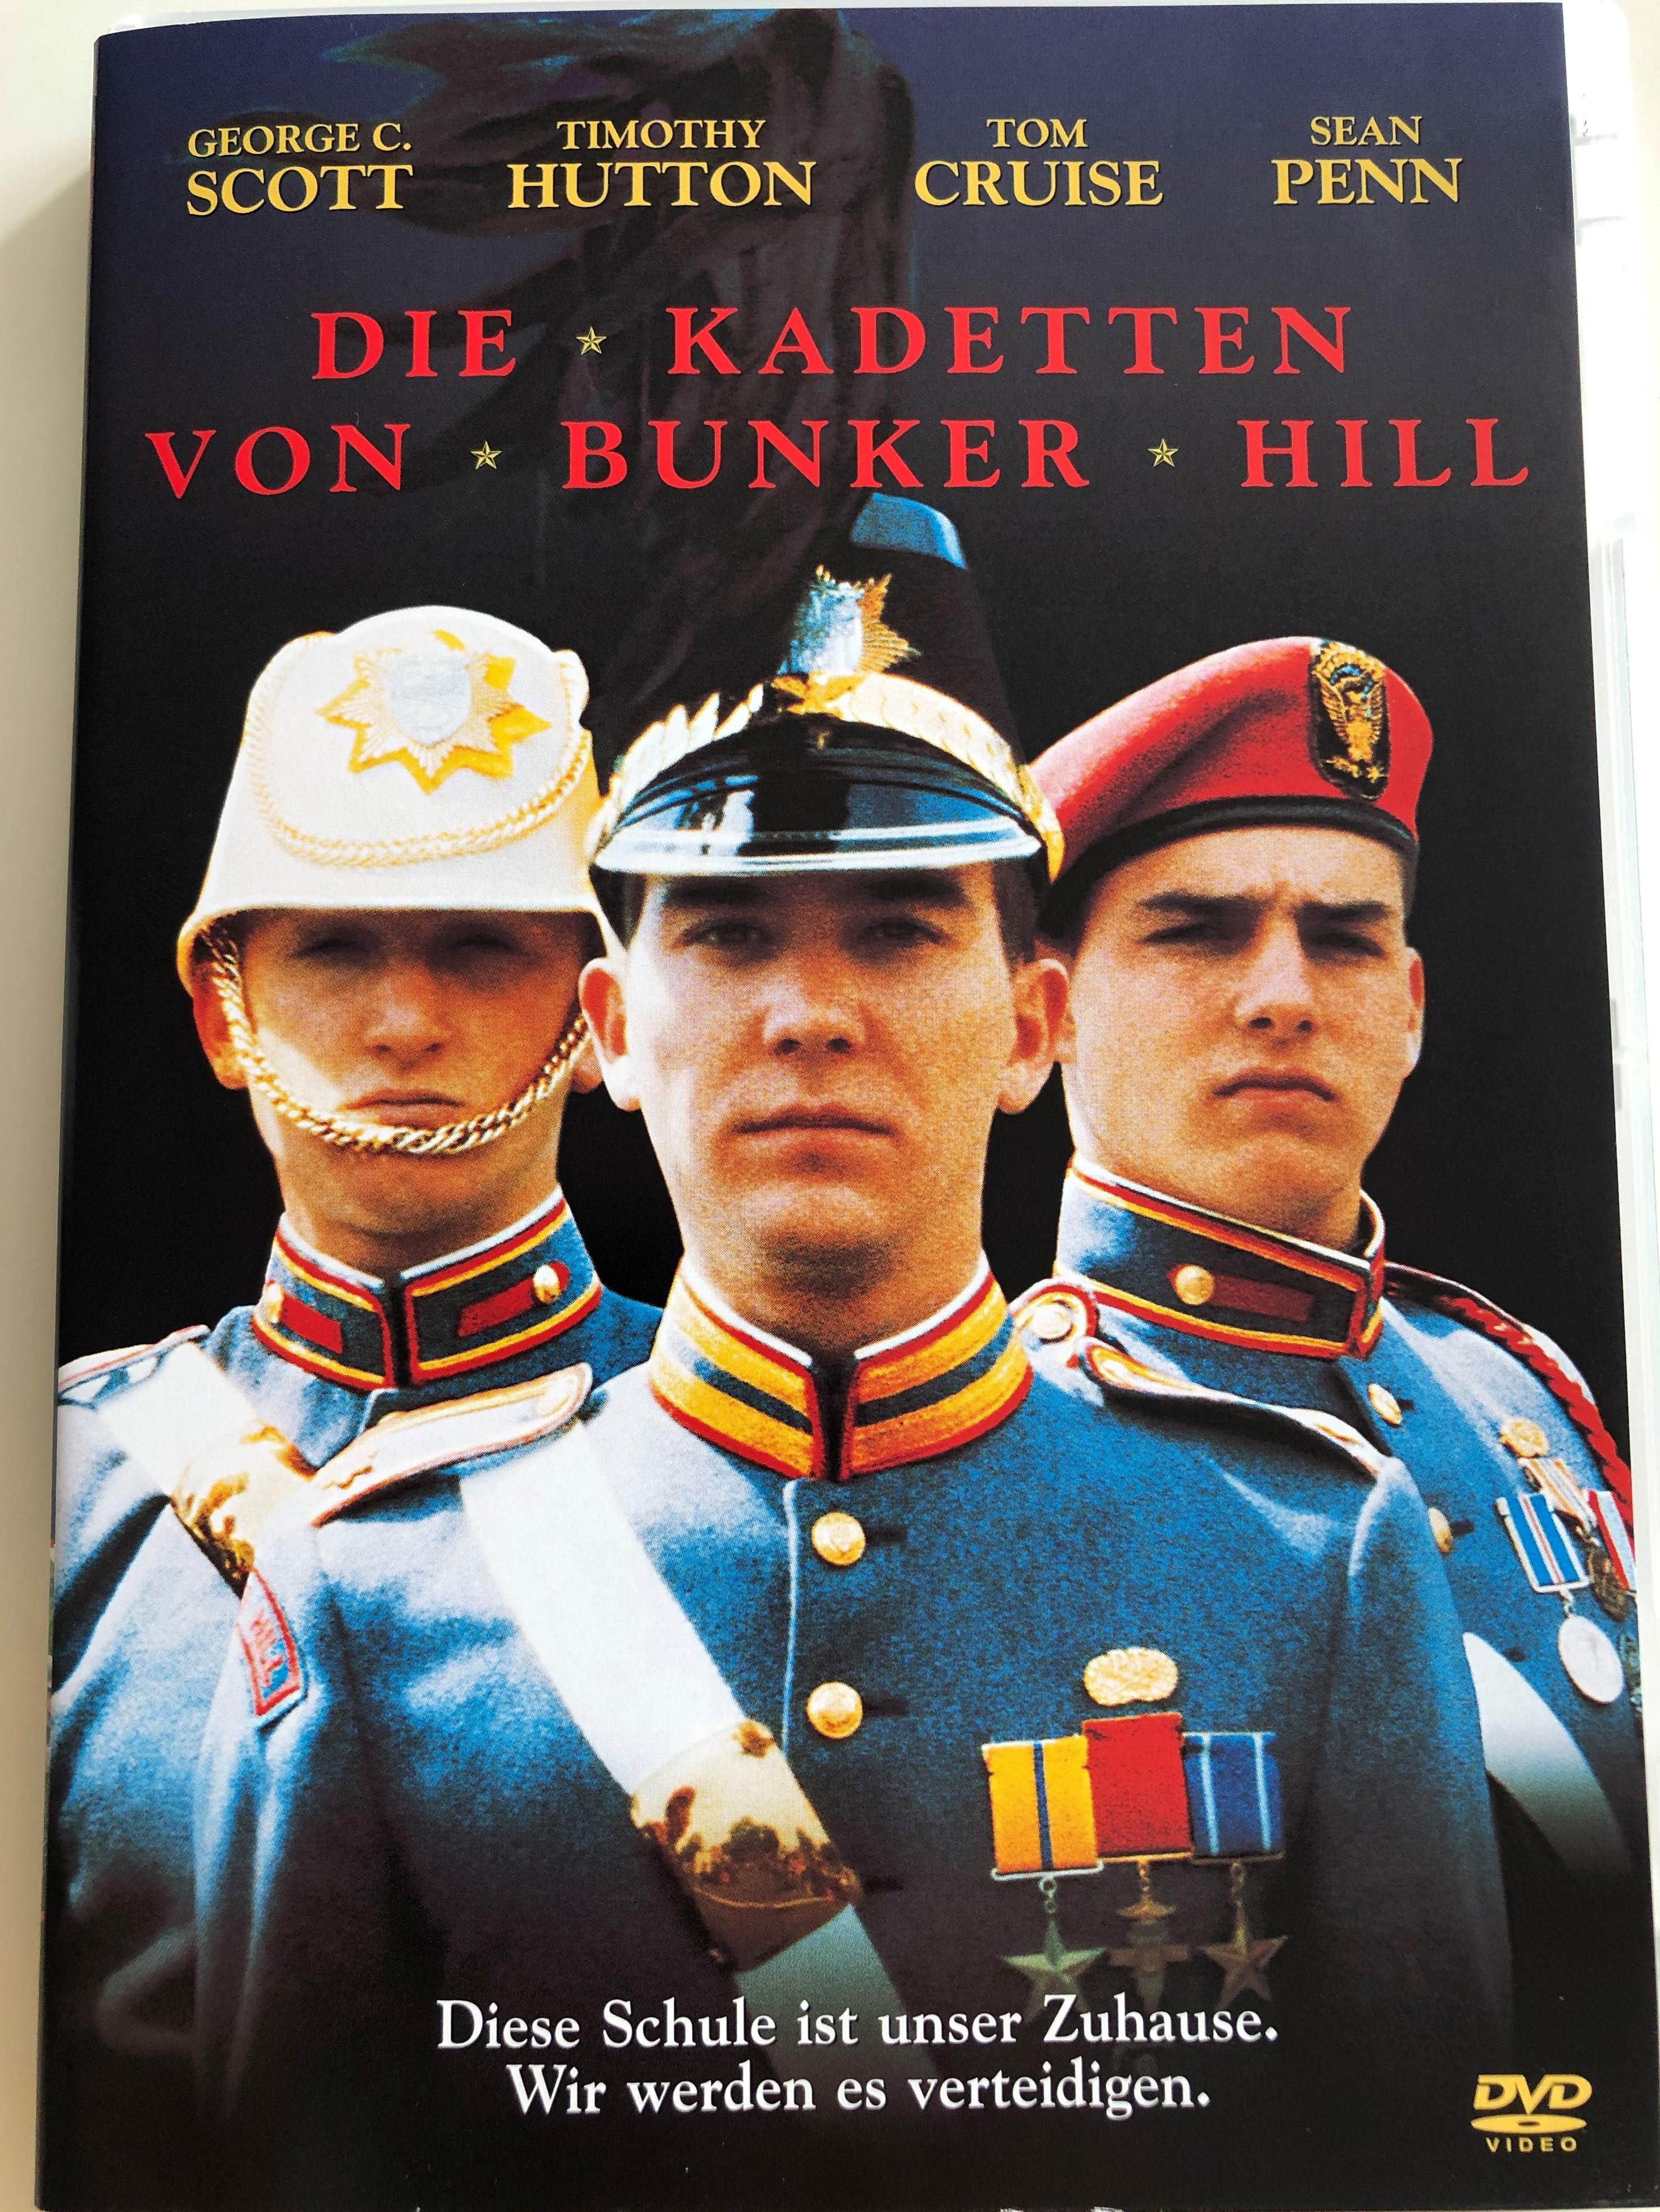 taps-dvd-1981-die-kadetten-von-bunker-hill-directed-by-harold-becker-starring-george-c.-scott-timothy-hutton-ronny-cox-1-.jpg